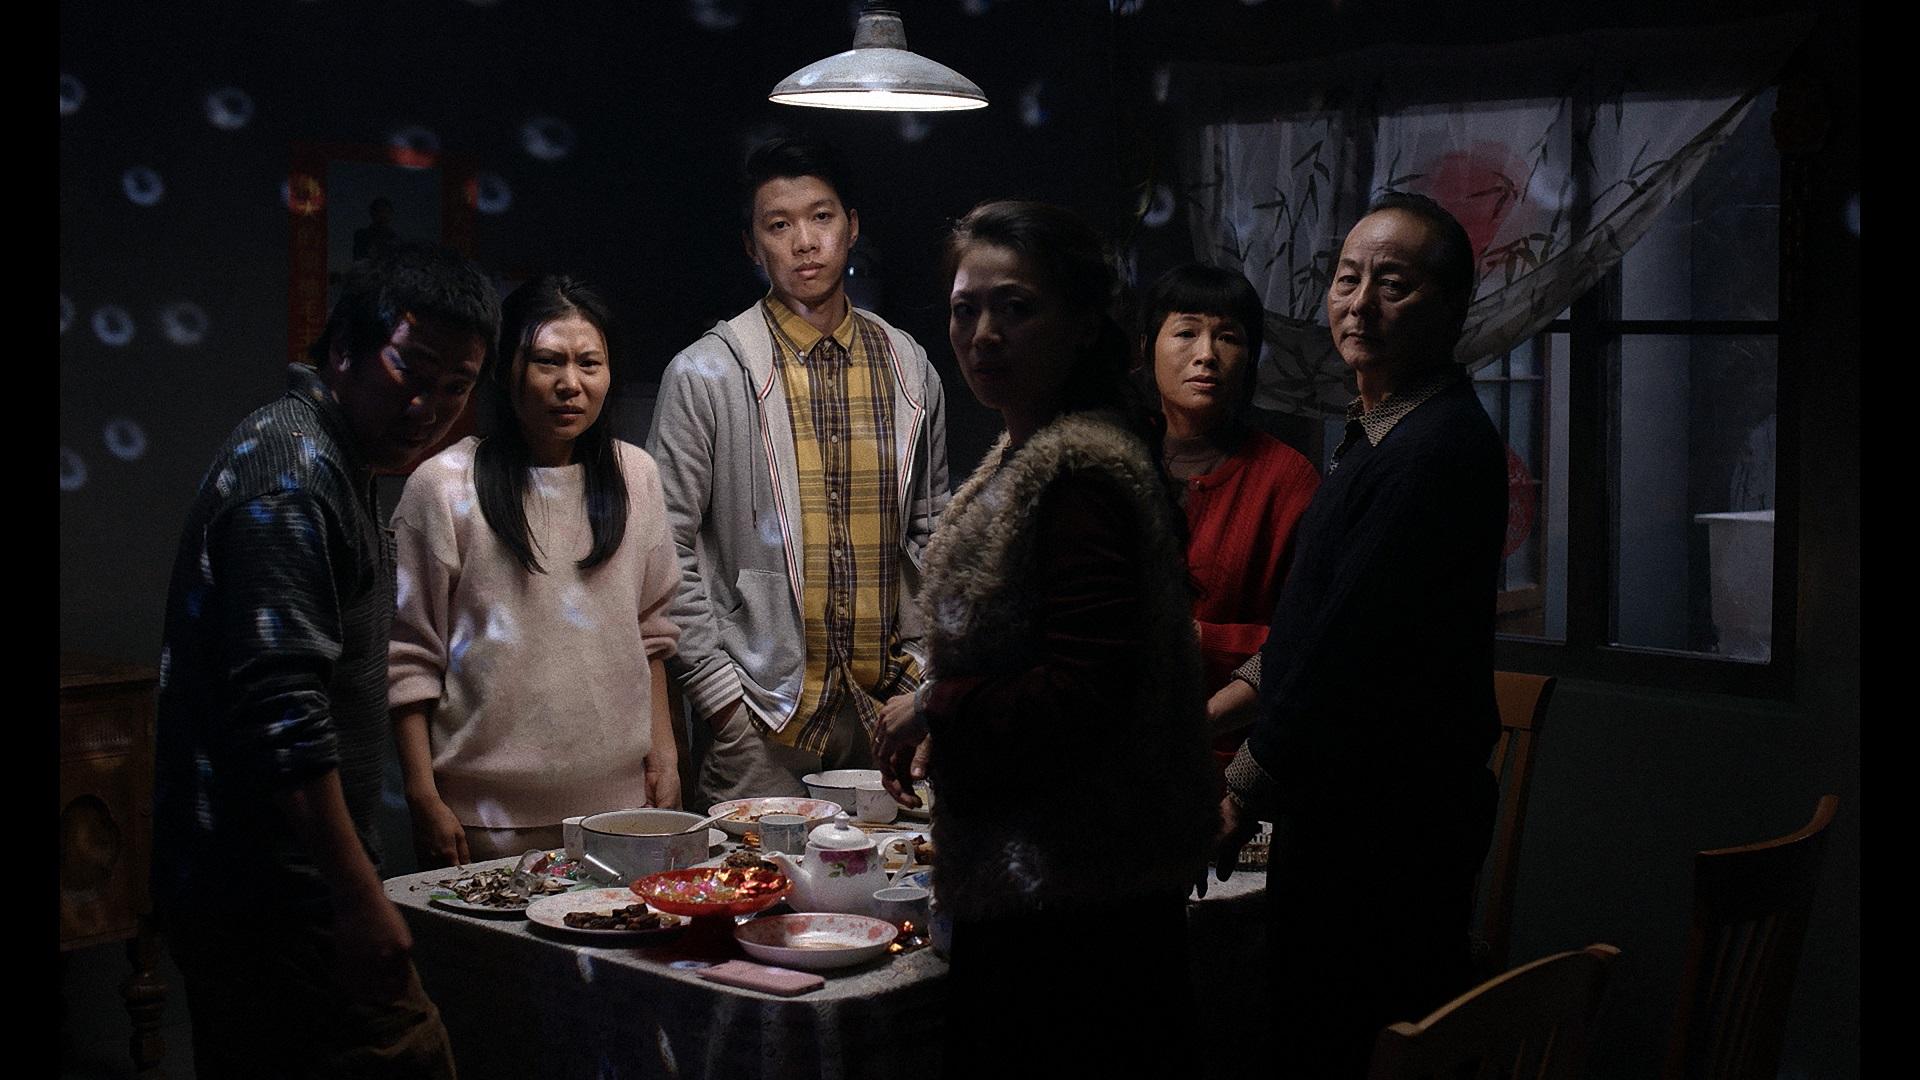 Short Film Review: 'New Year's Eve' (2018), dir. Hao Zheng